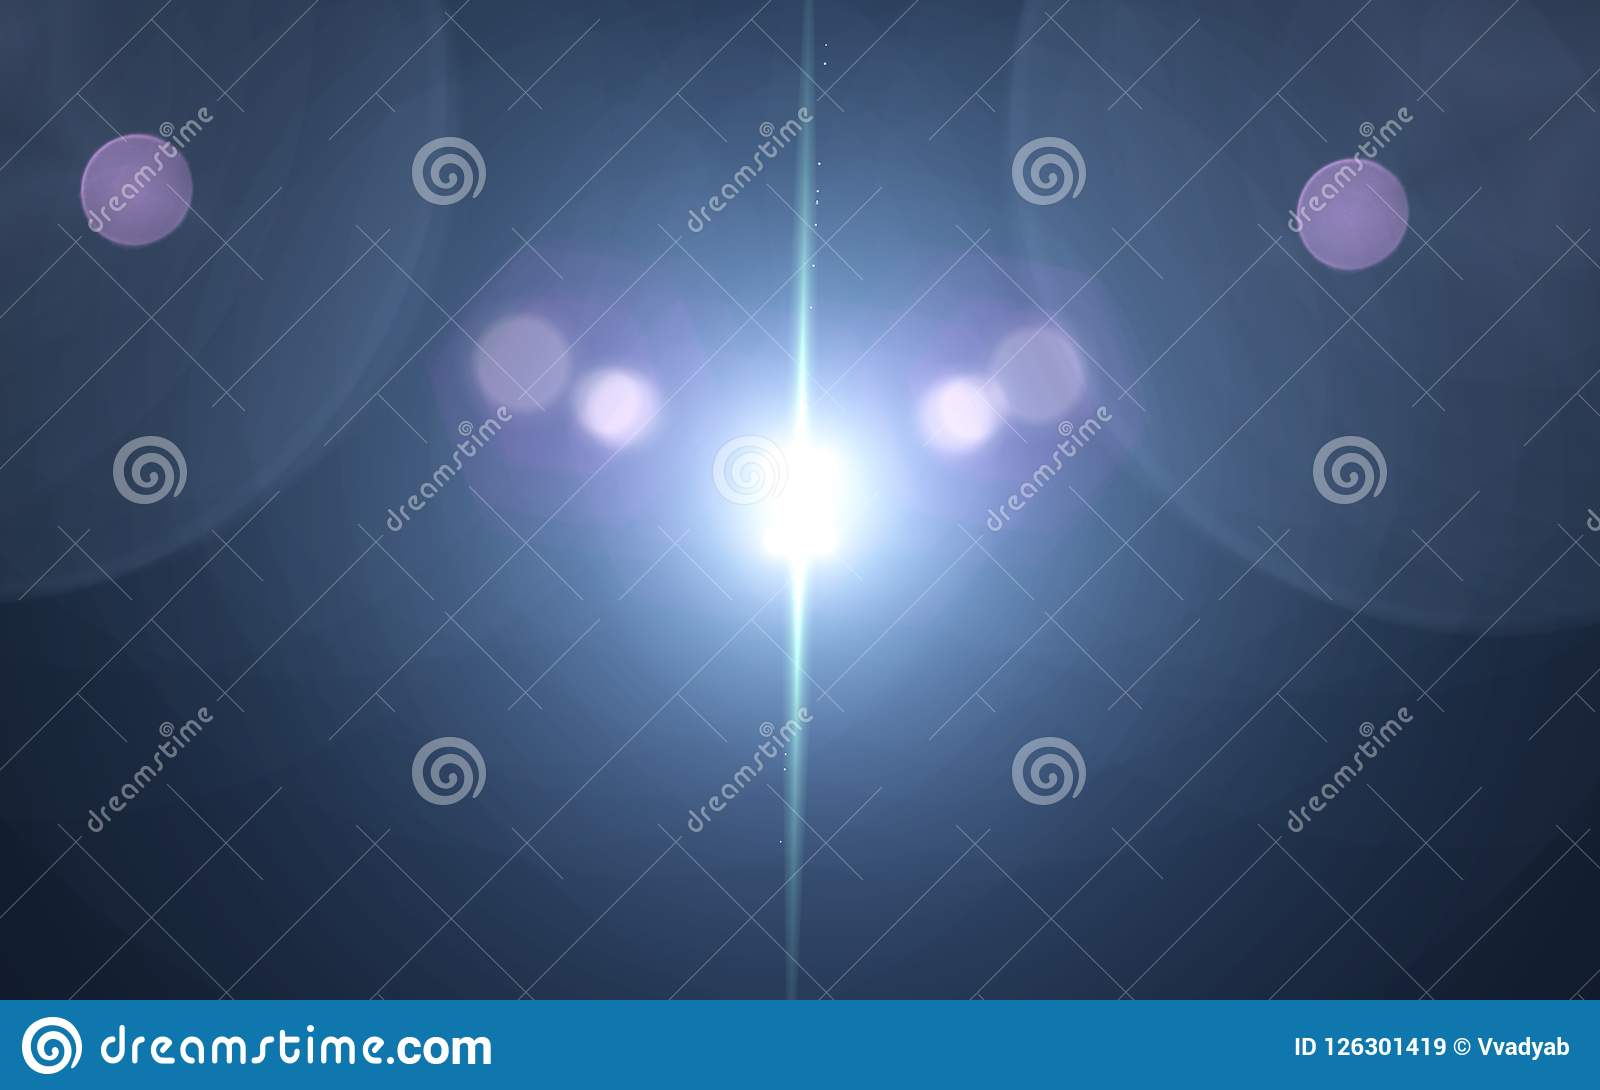 Μπλε φλόγα φακών ψηφίων με το φωτεινό φως στο μαύρο υπόβαθρο που χρησιμοποιείται για τη σύσταση